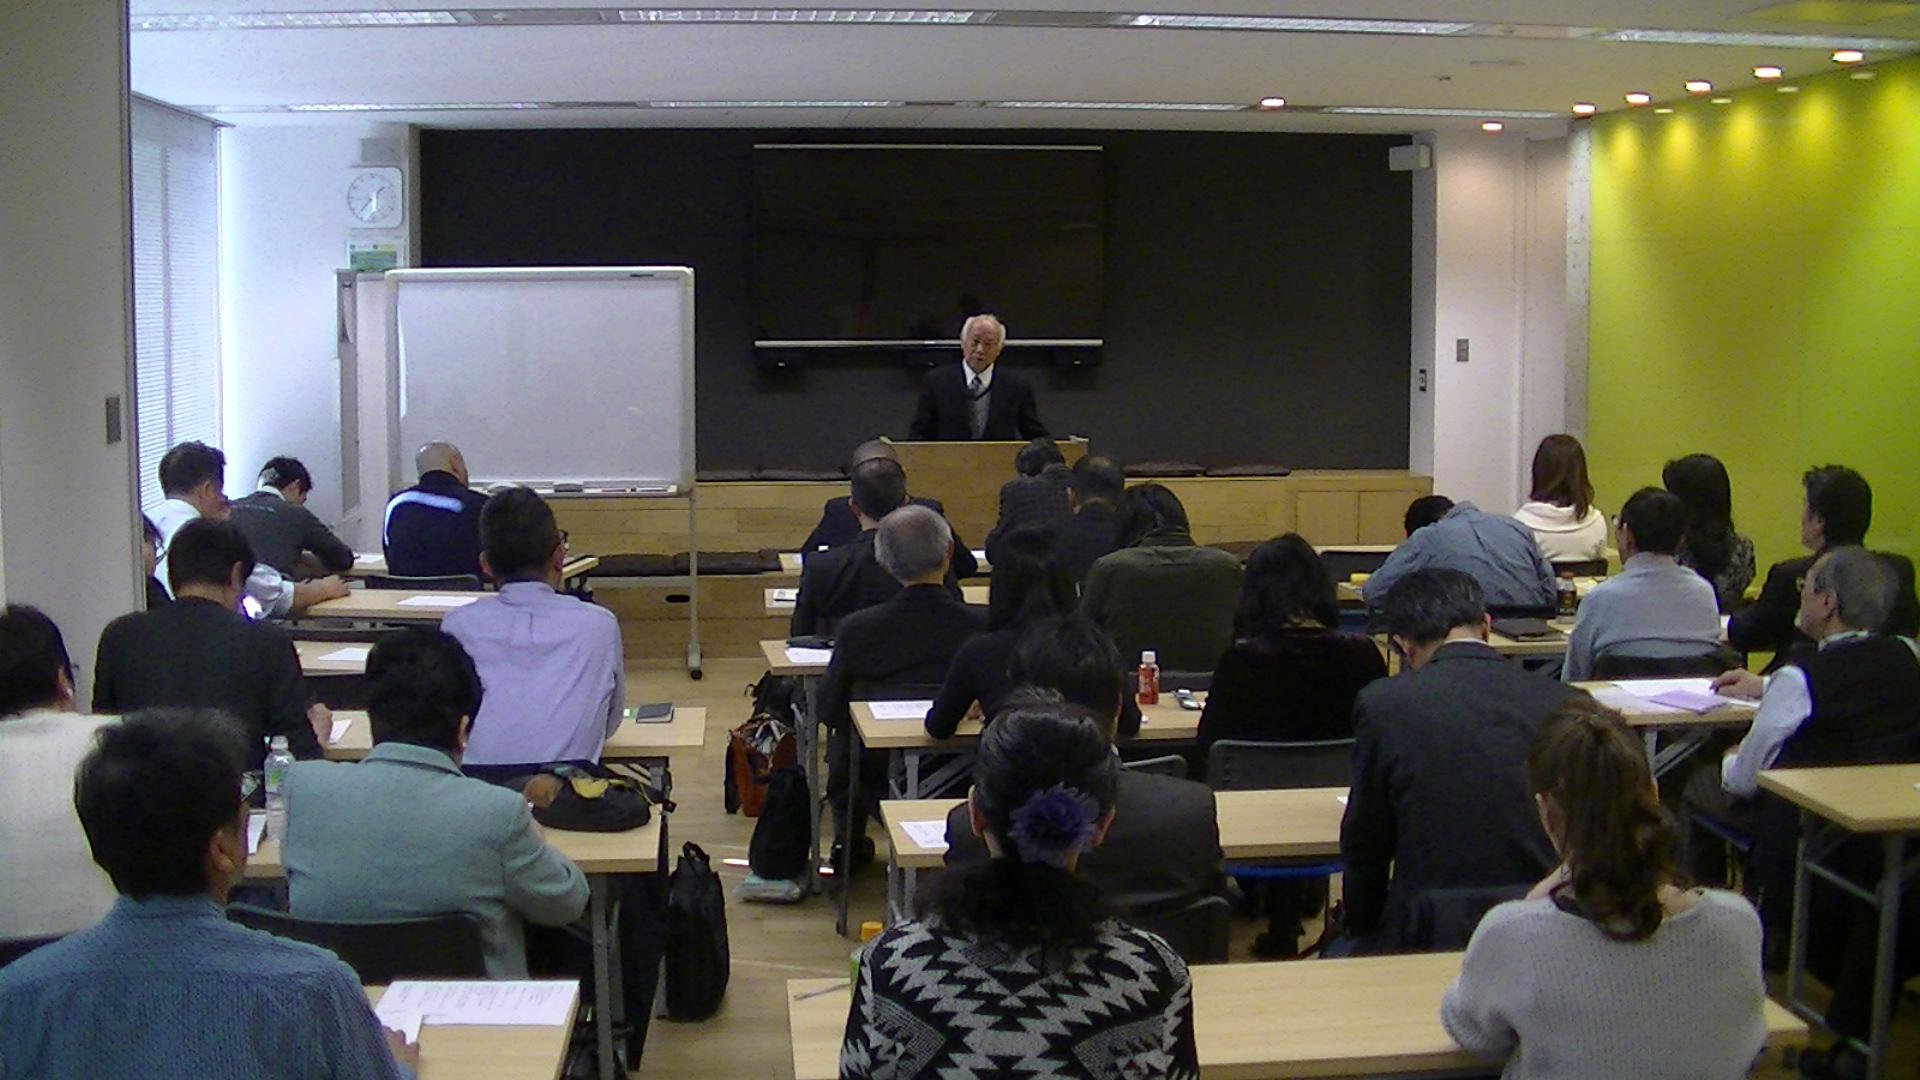 PIC 0697 - 平成30年度 東京思風塾 4月7日(土)「時代が問題をつくり、問題が人物をつくる」